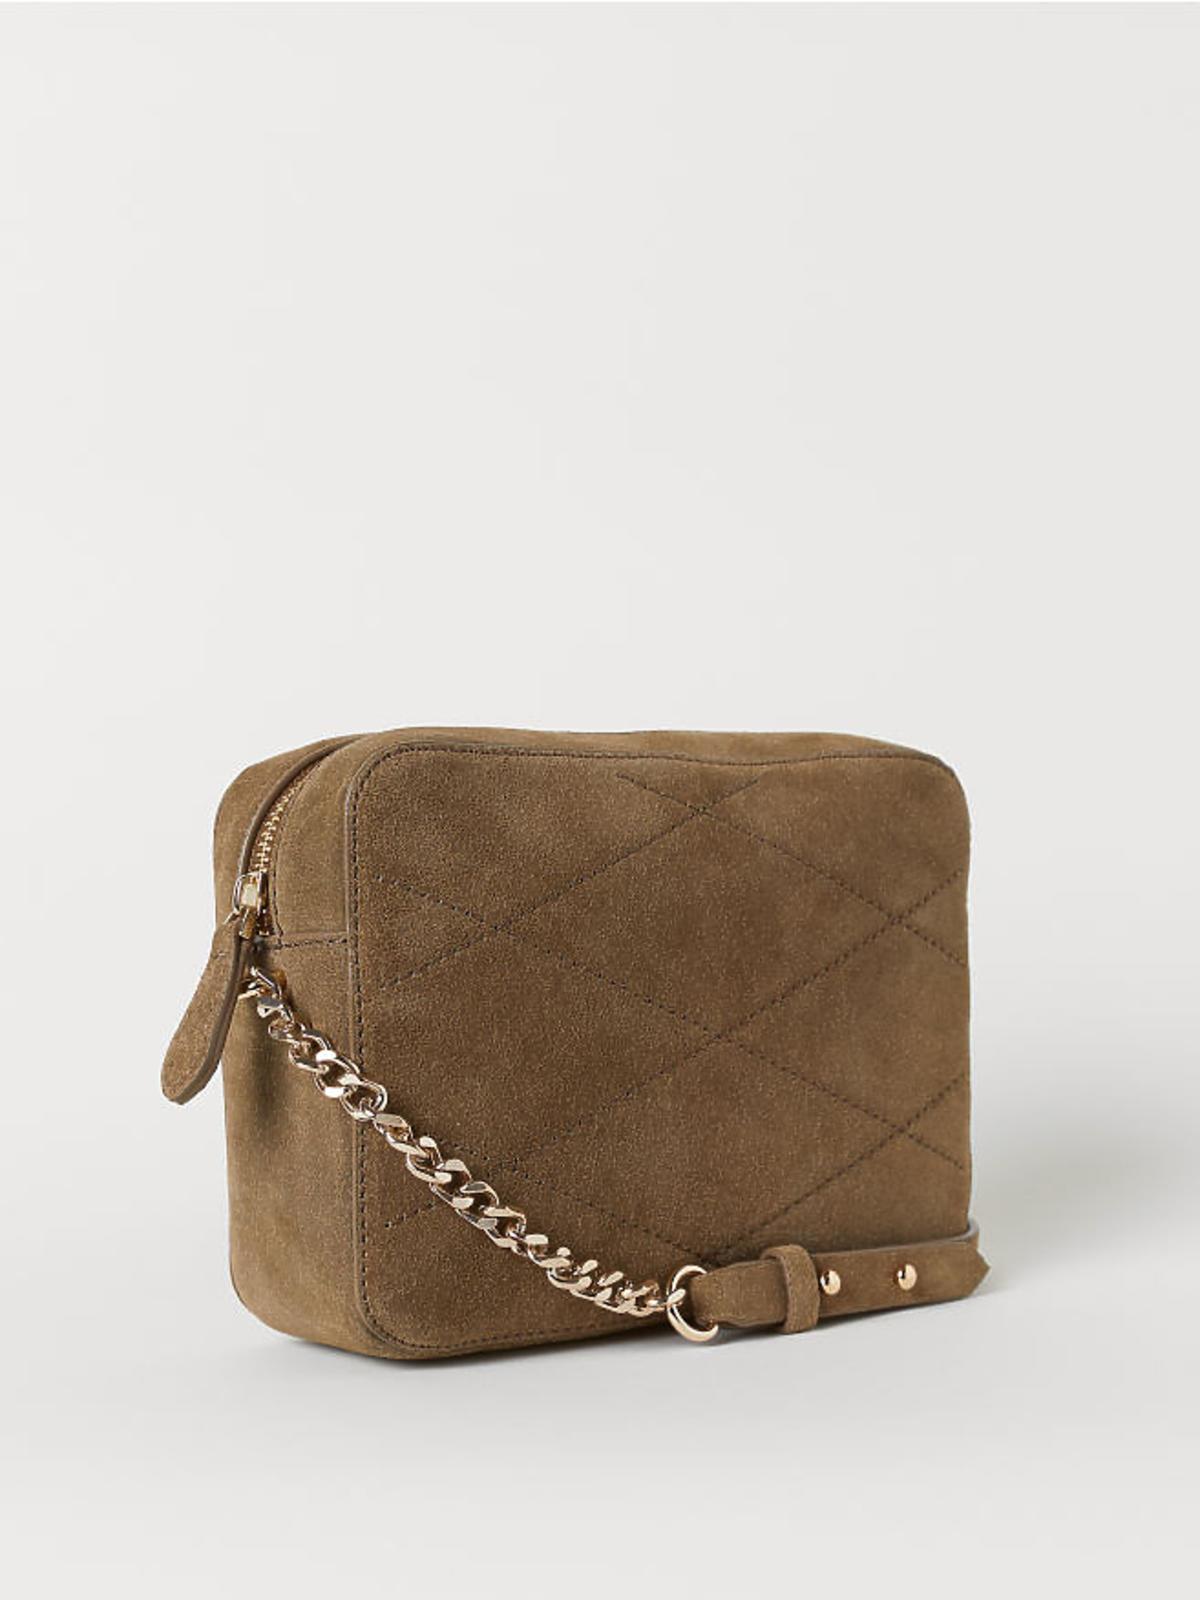 Mała torebka na ramię H&M cena 149,90 zł